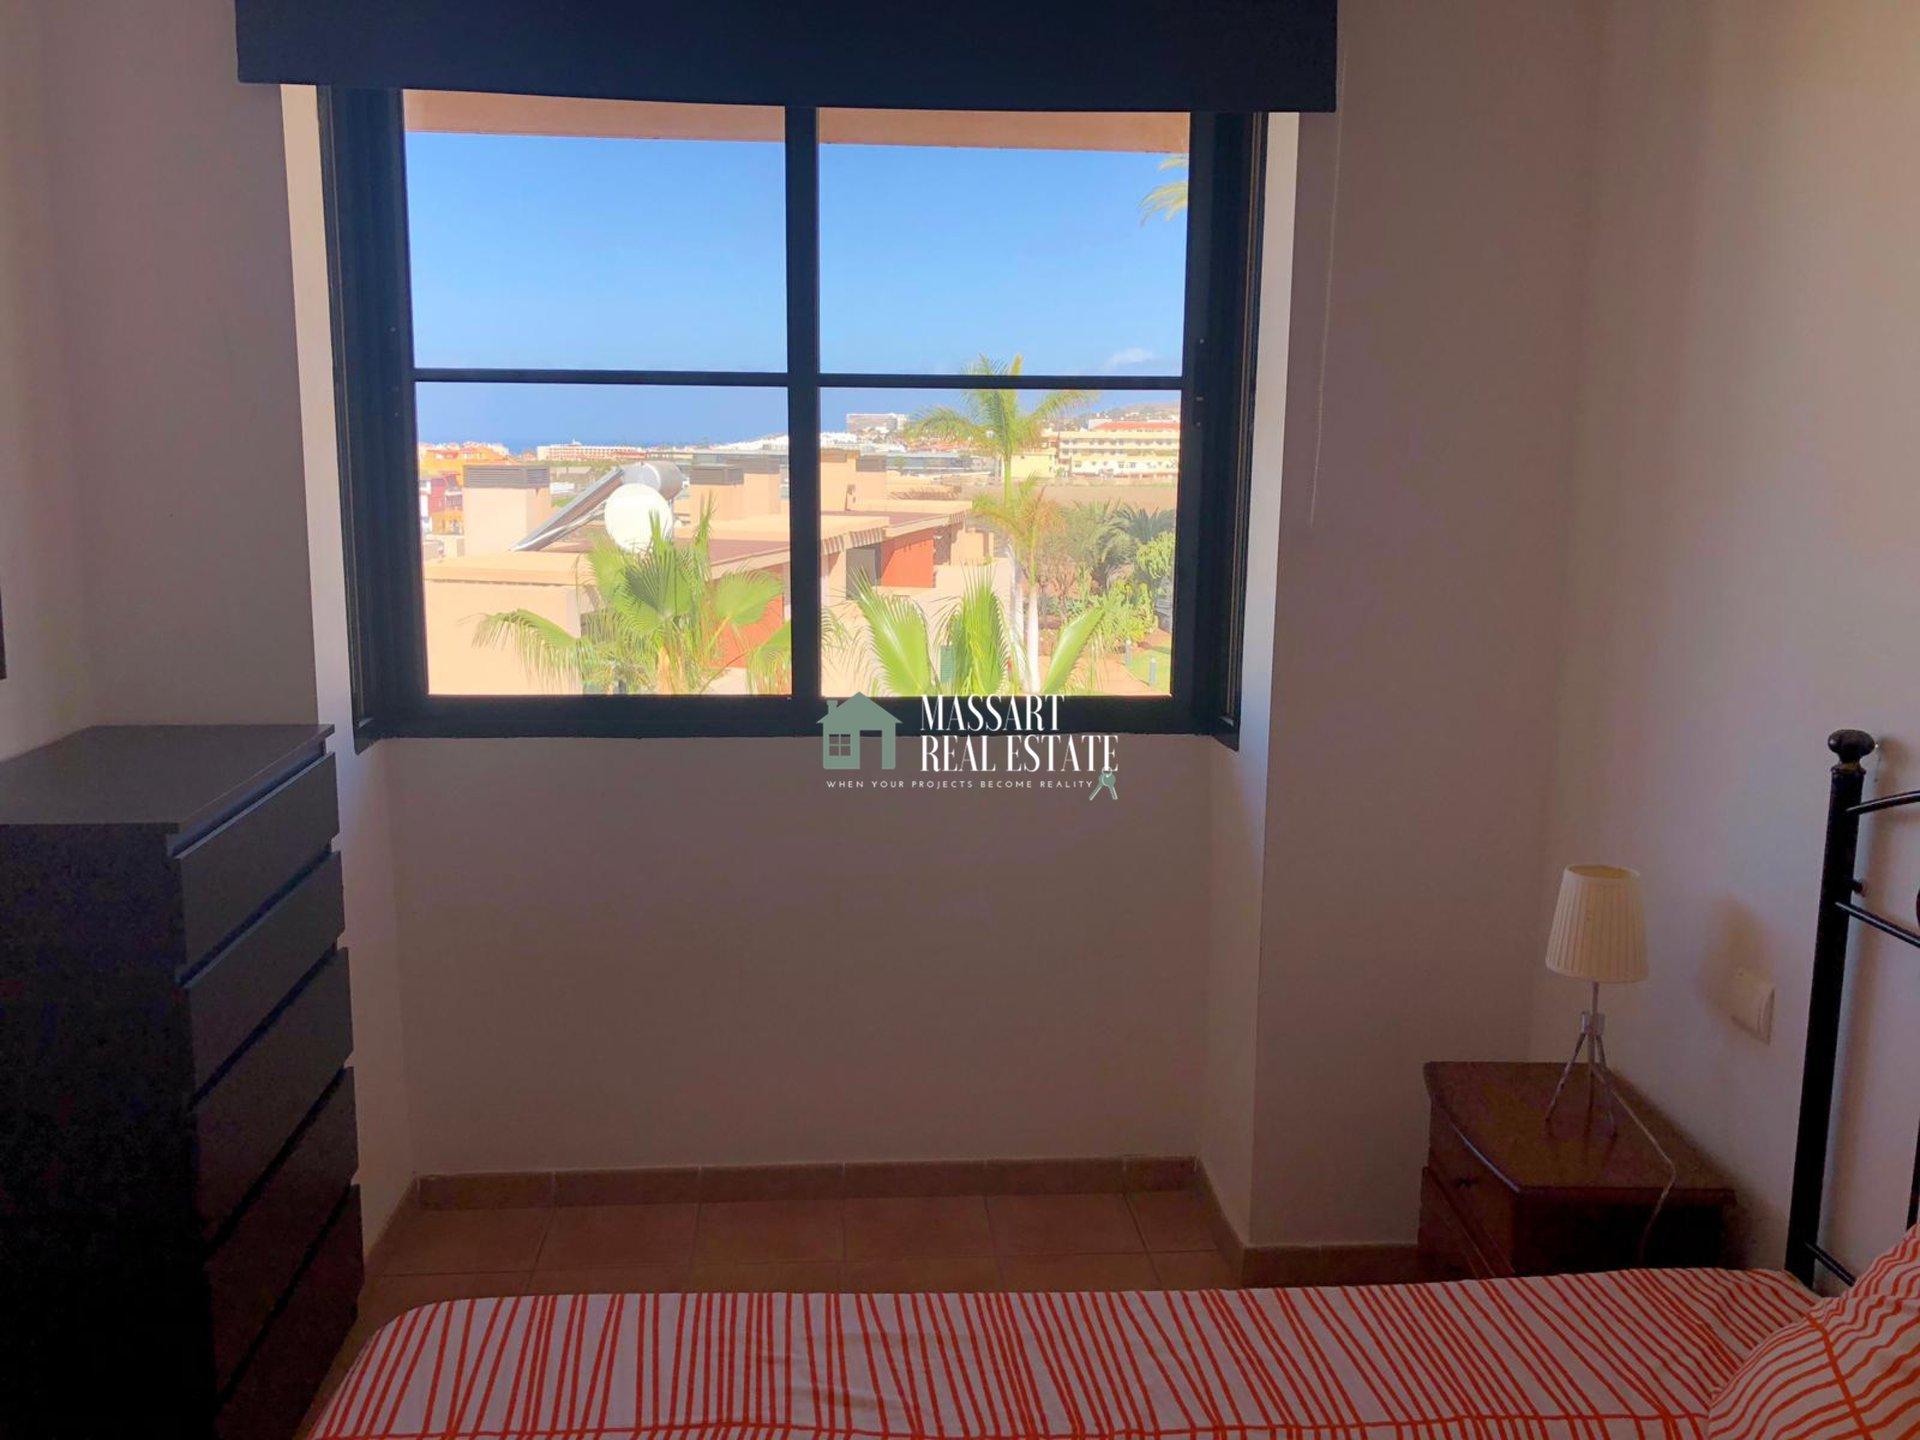 Apartamento totalmente amueblado en alquiler en Playa Paraíso (Paraíso II)…¡ideal para disfrutar de una feliz vida en pareja!